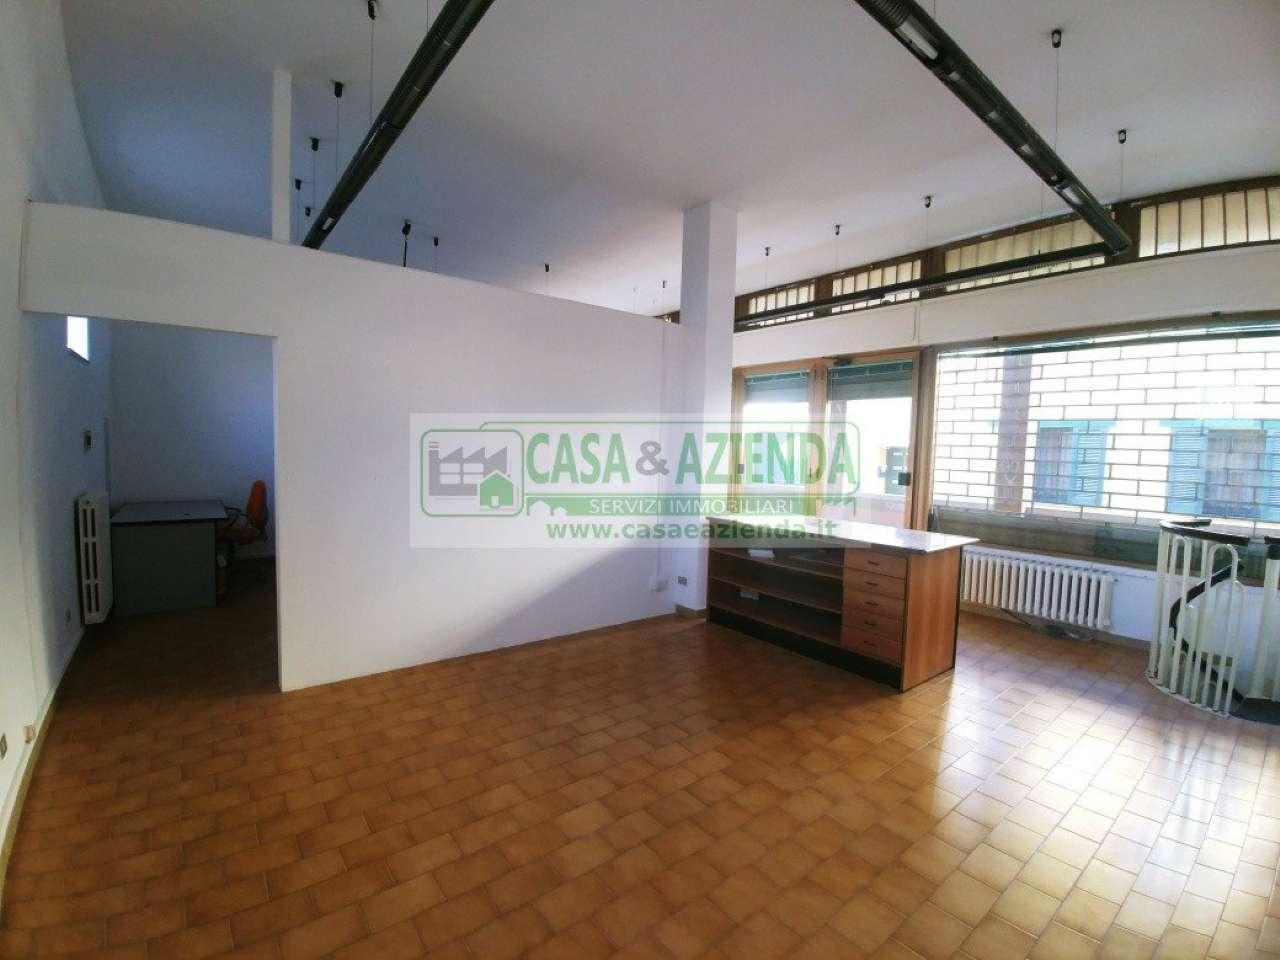 Negozio / Locale in vendita a Pessano con Bornago, 9999 locali, prezzo € 120.000 | CambioCasa.it